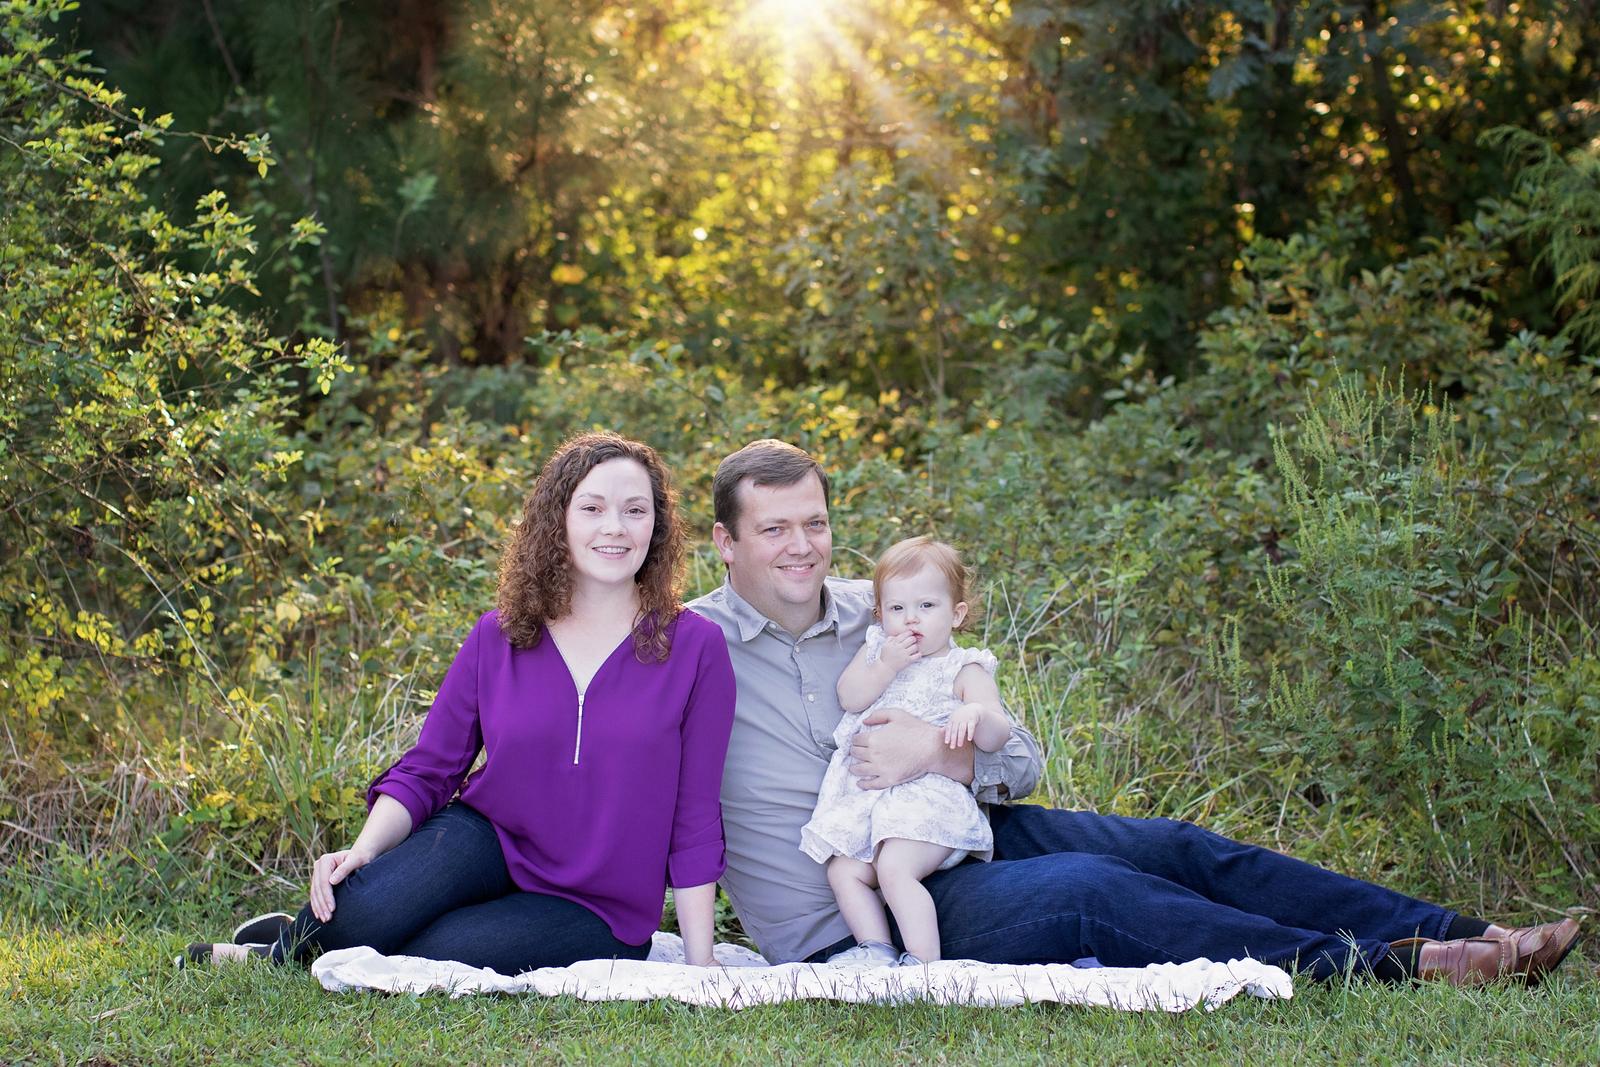 McFadden Family Session (5)